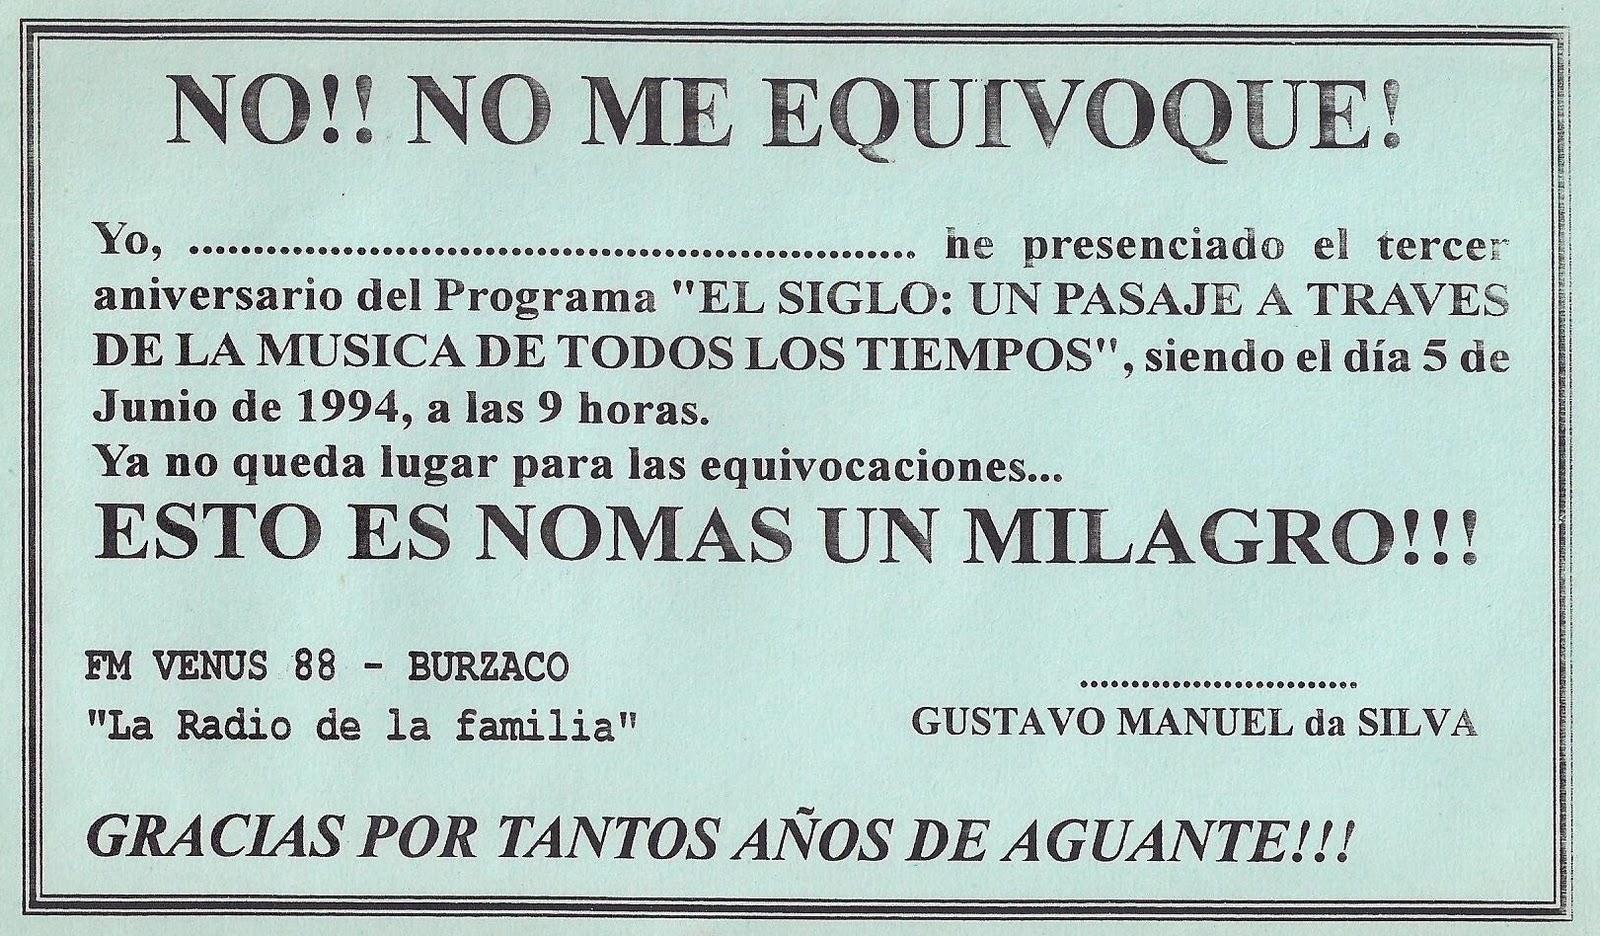 1991-EL SIGLO: 20° ANIVERSARIO-2011: DIPLOMA QUE LE FUE ENTREGADO A ...